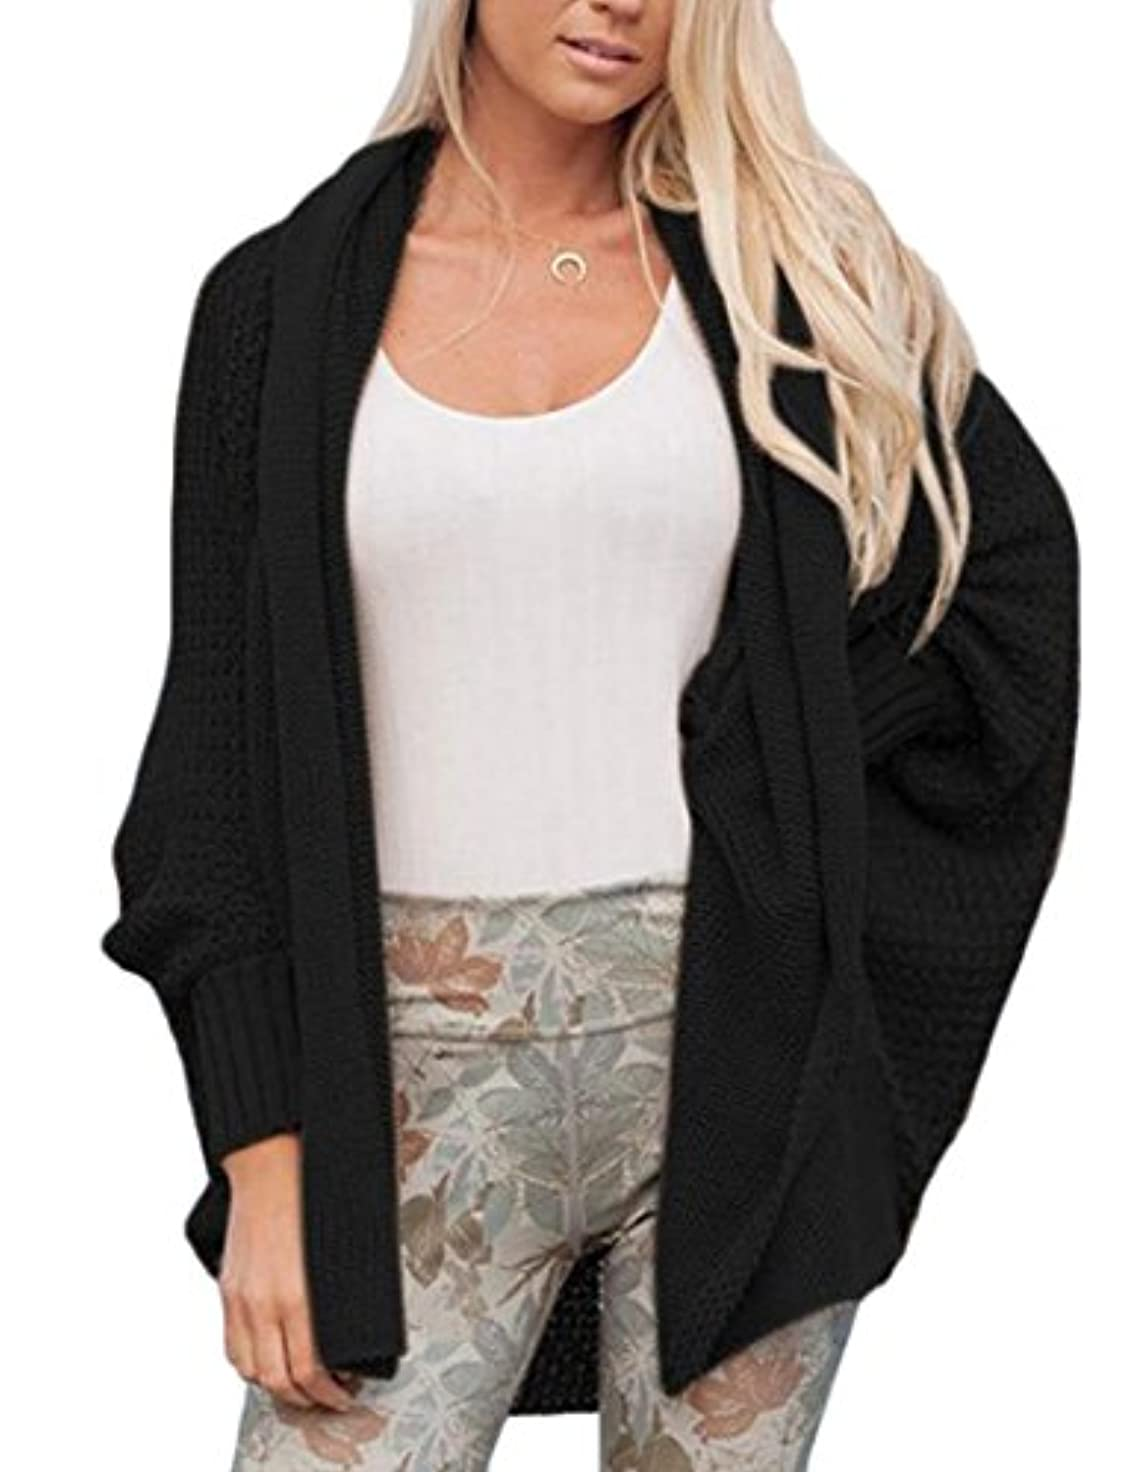 行うインフラ収束するWSPLYSPJY-women clothes SWEATER レディース